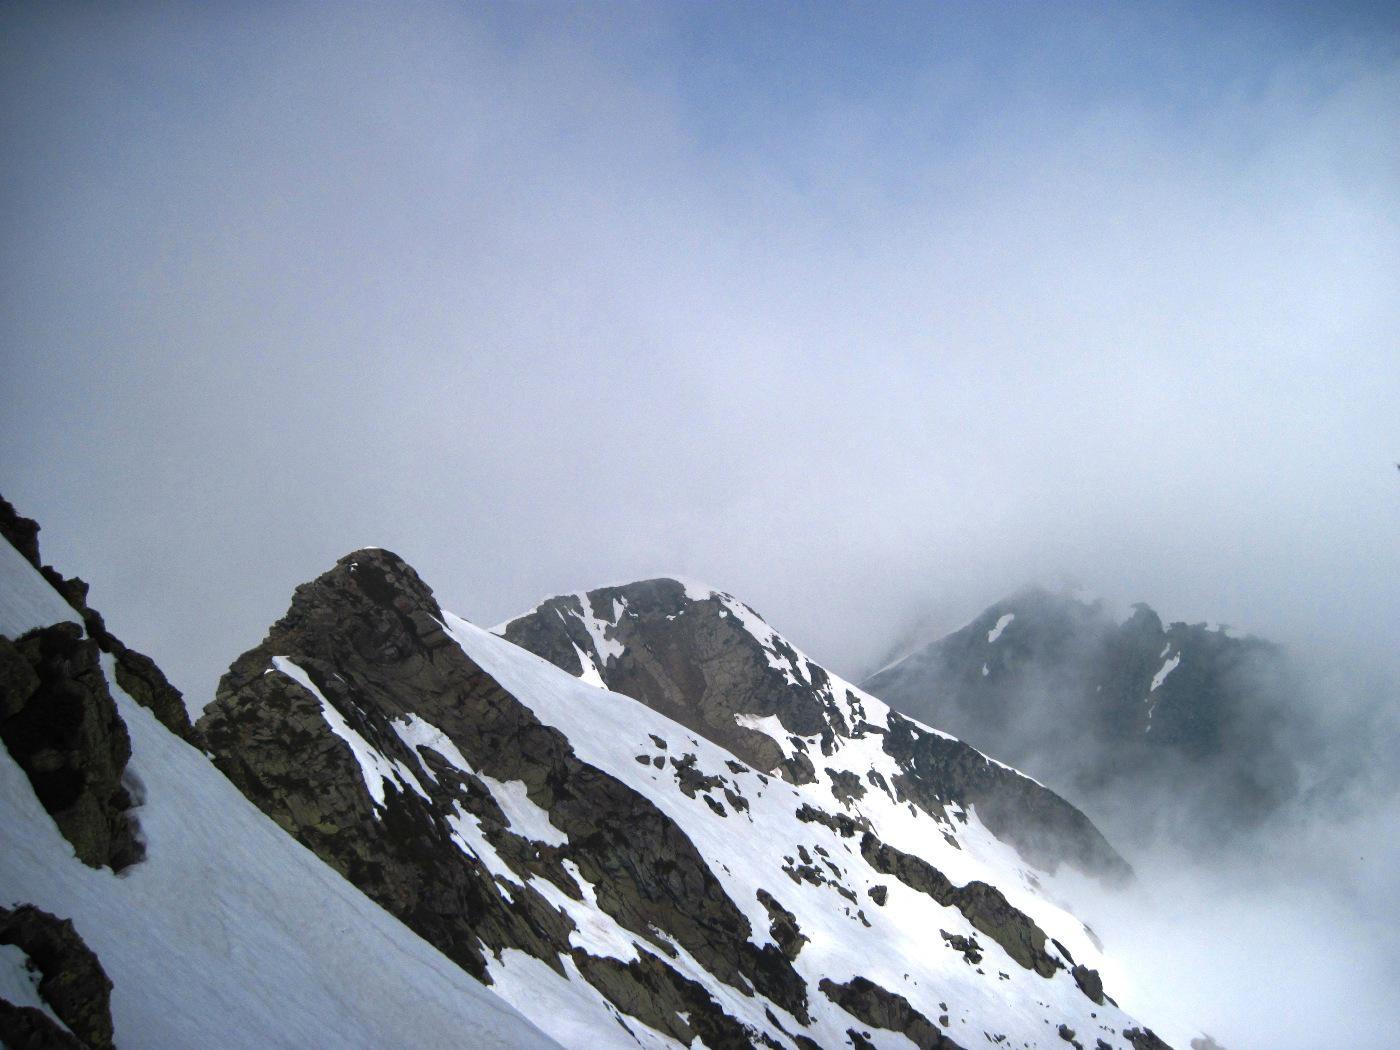 Un breve squarcio nelle nuvole